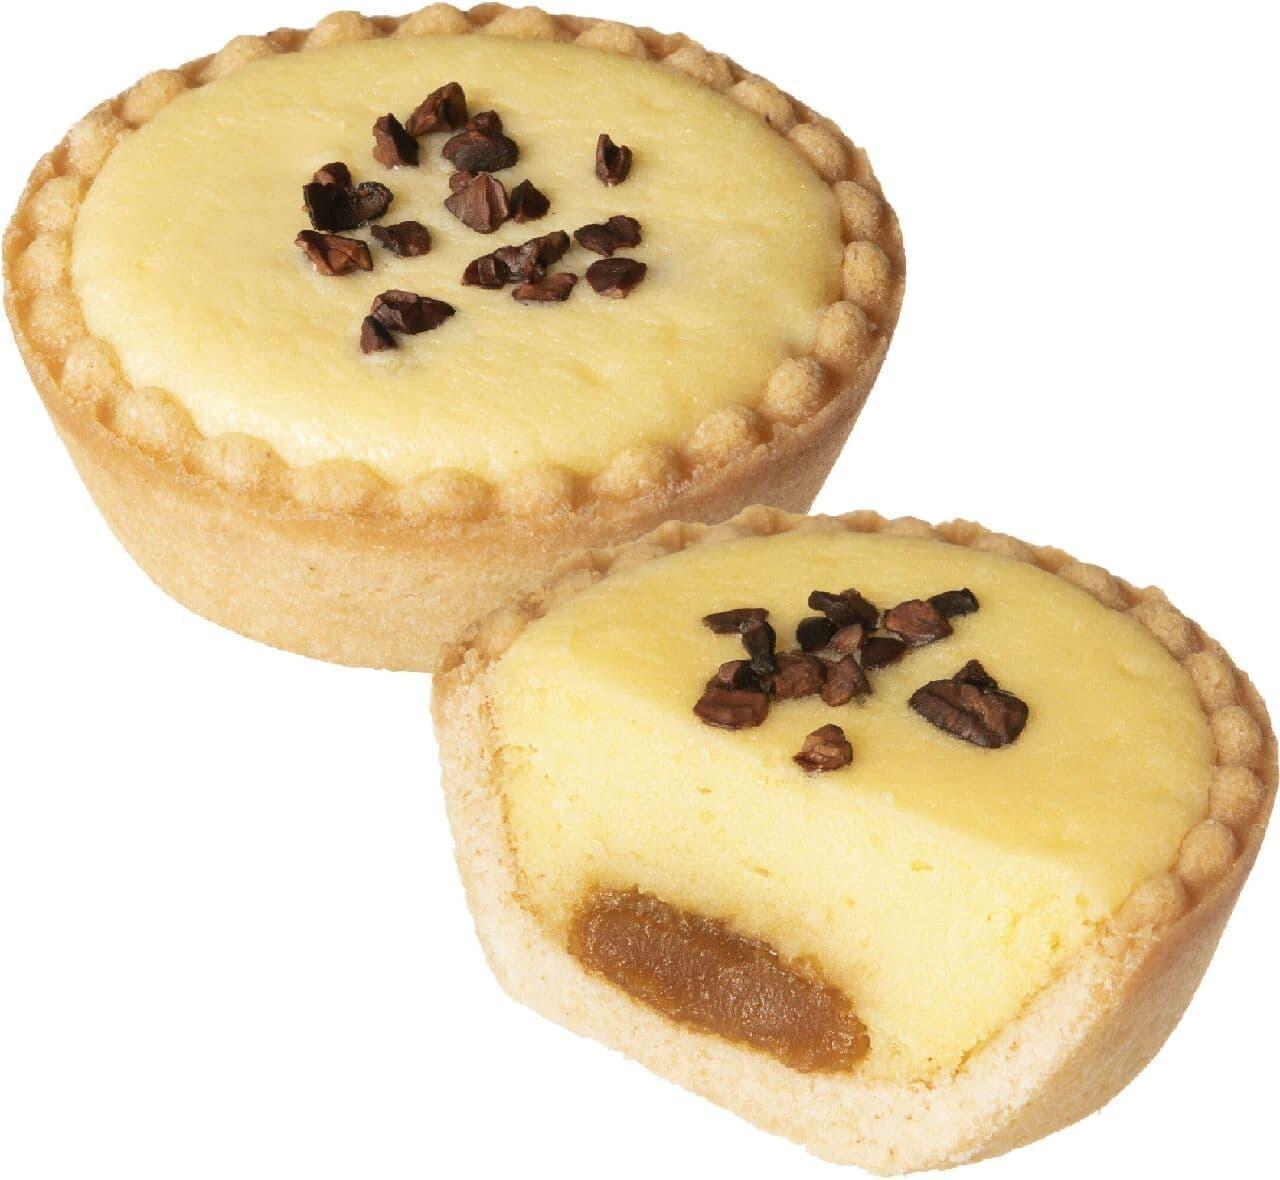 ゴディバ「ゴディバ チョコレート チーズ タルト」